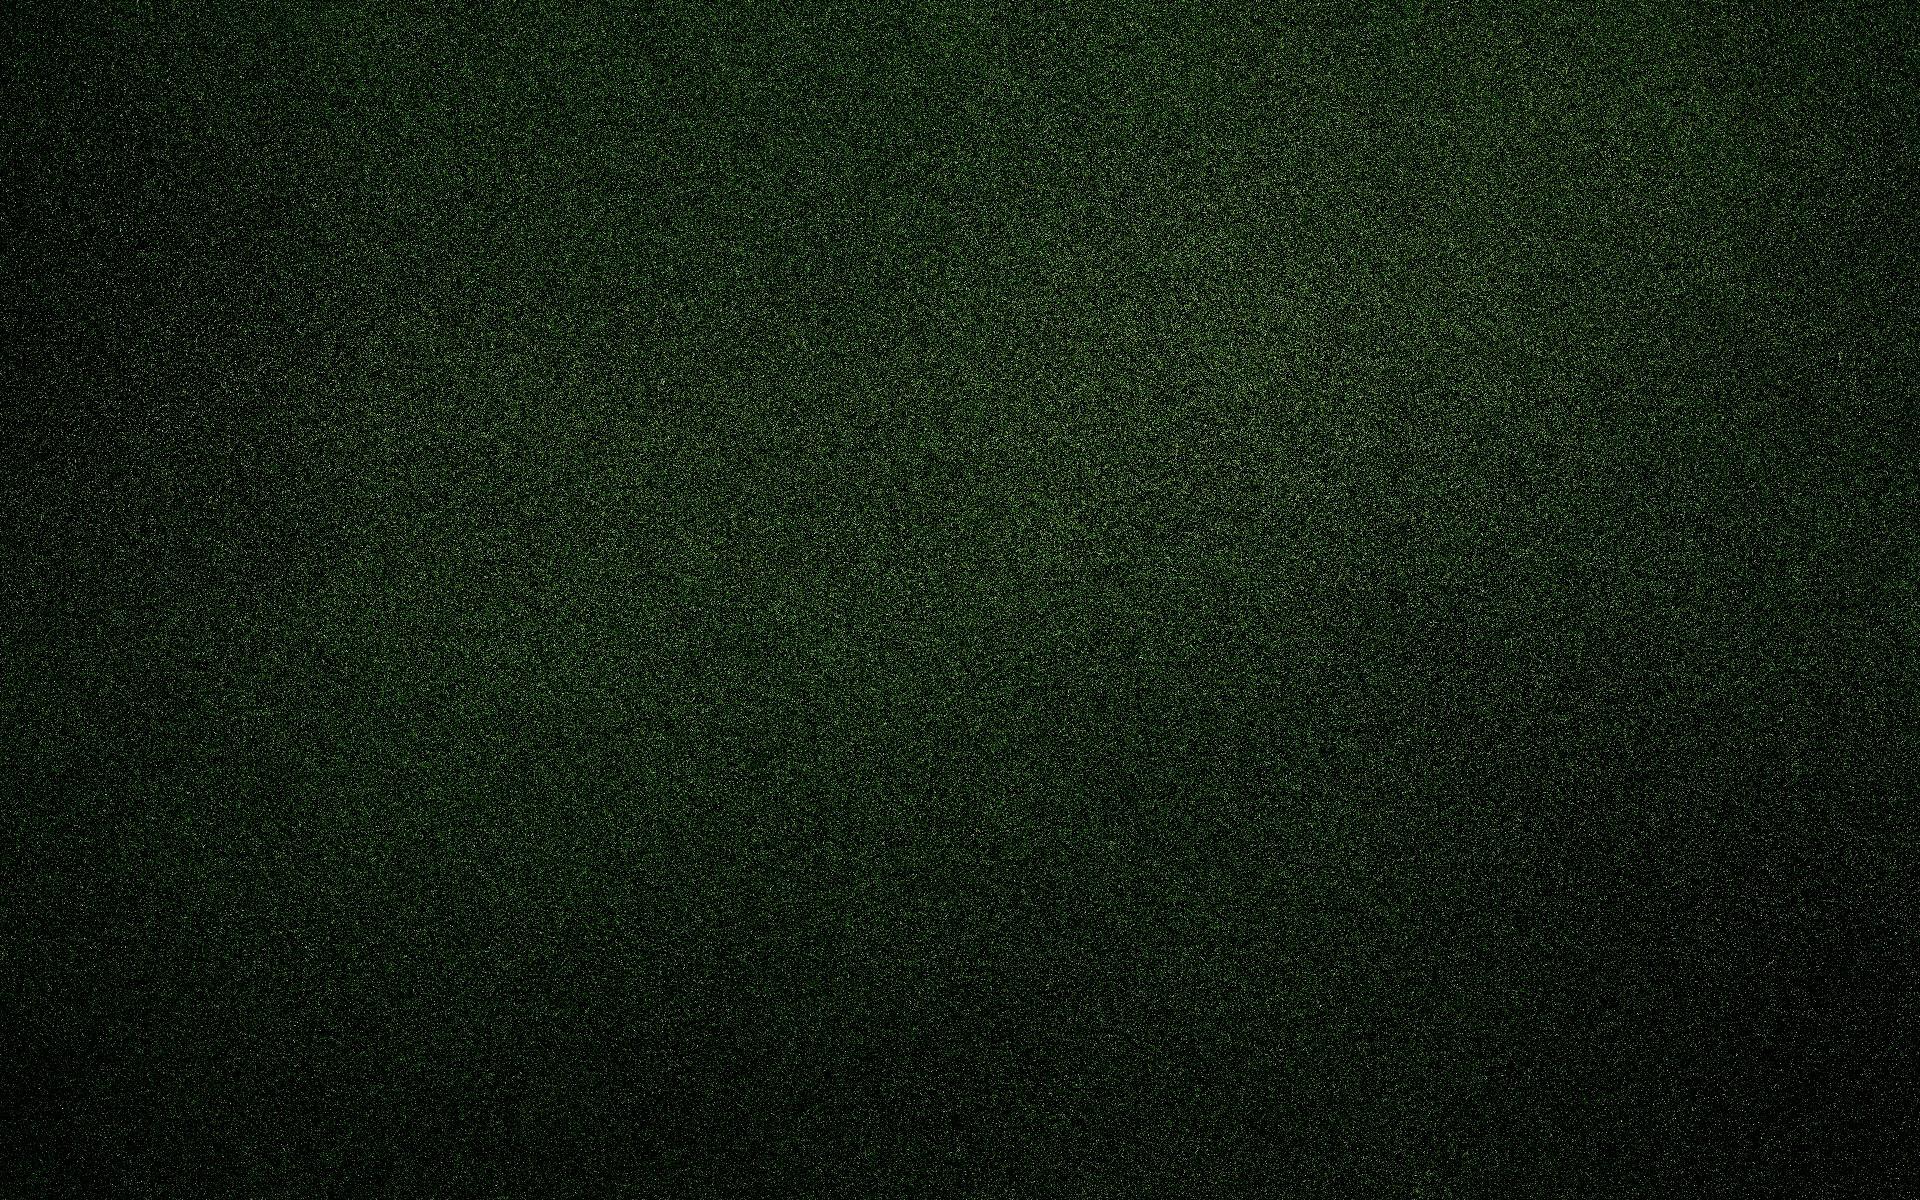 green-wallpaper-23_edited.jpg